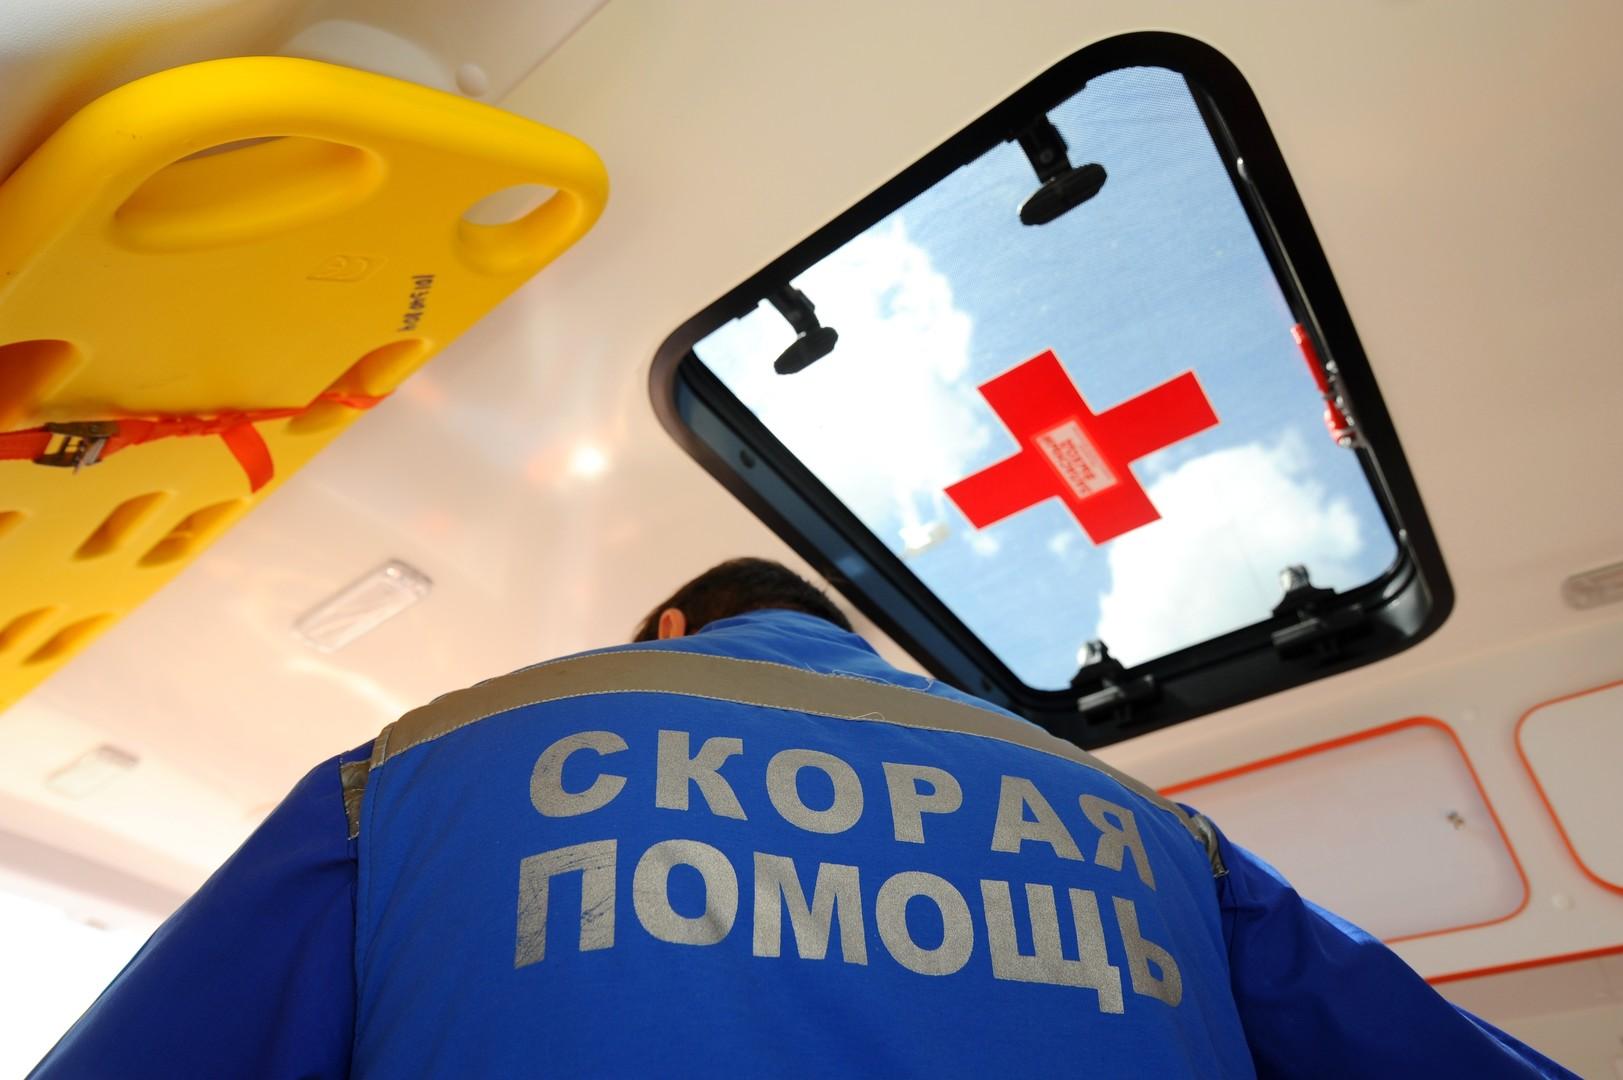 قتيلان وجرحى جراء انفجار في موقع عسكري شمال روسيا